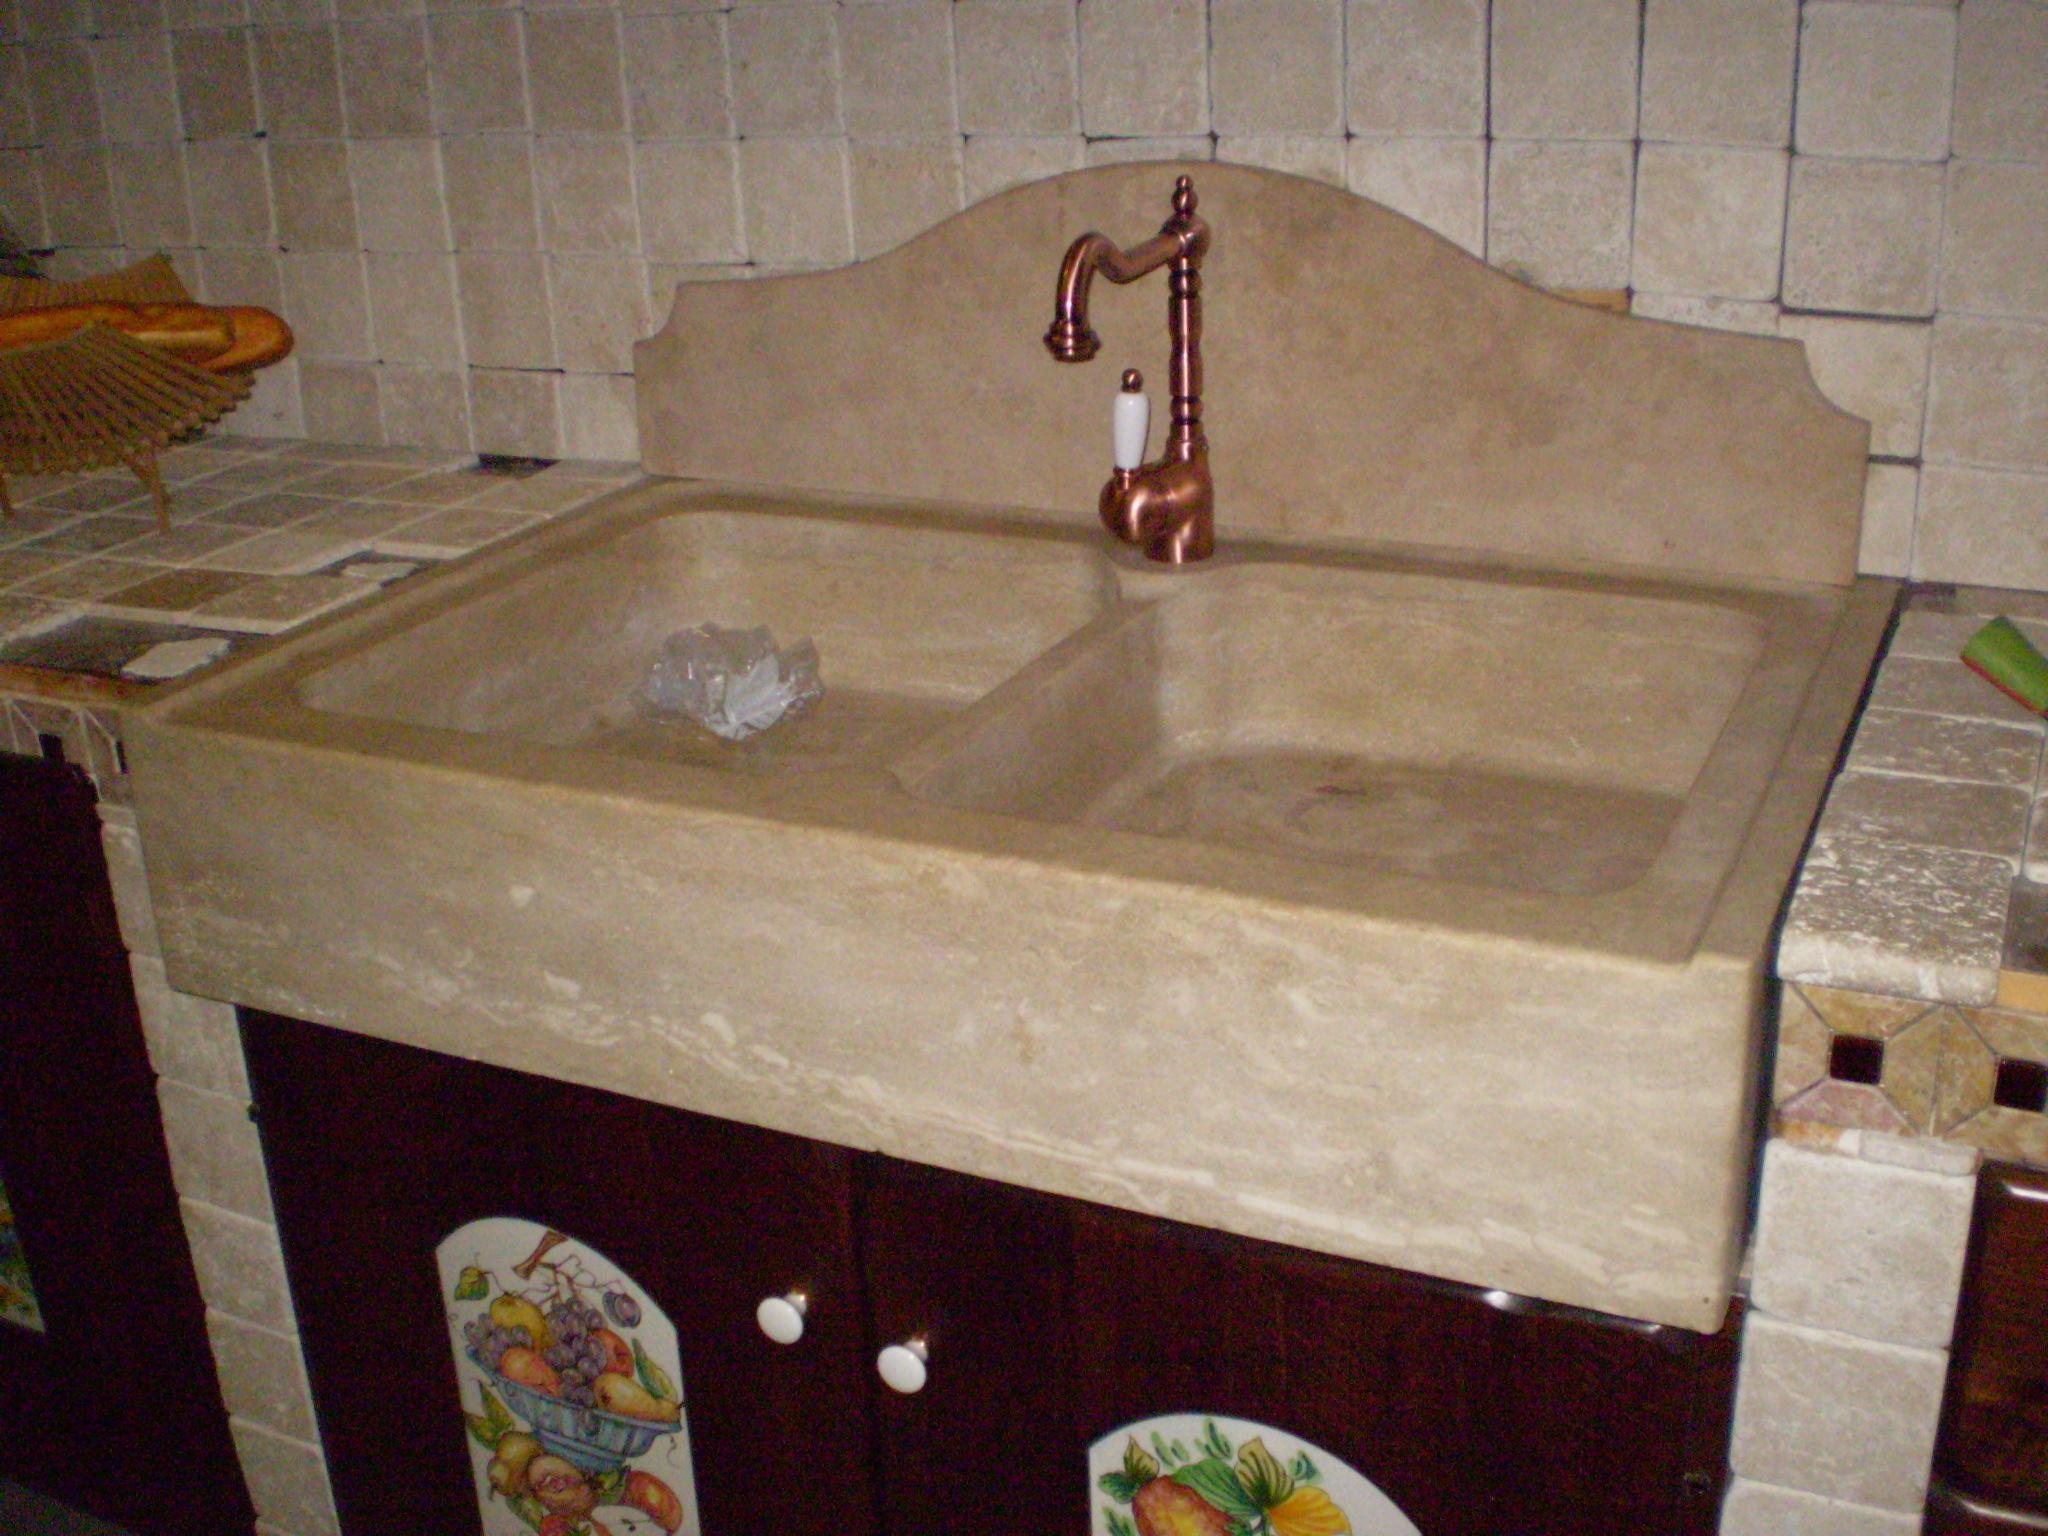 Cucine roma mobili in legno massello roma tivoli - Lavello cucina resina ...